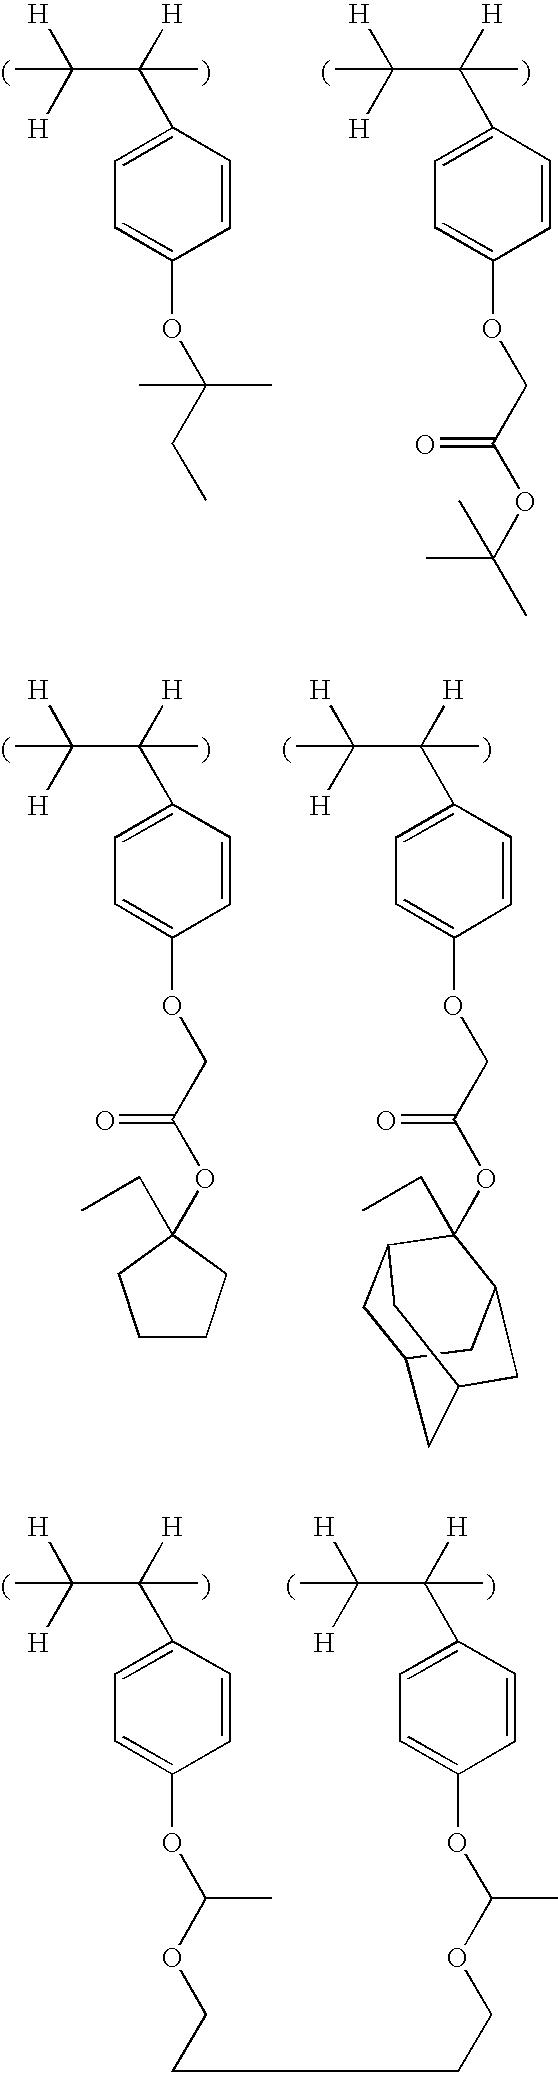 Figure US07569326-20090804-C00049